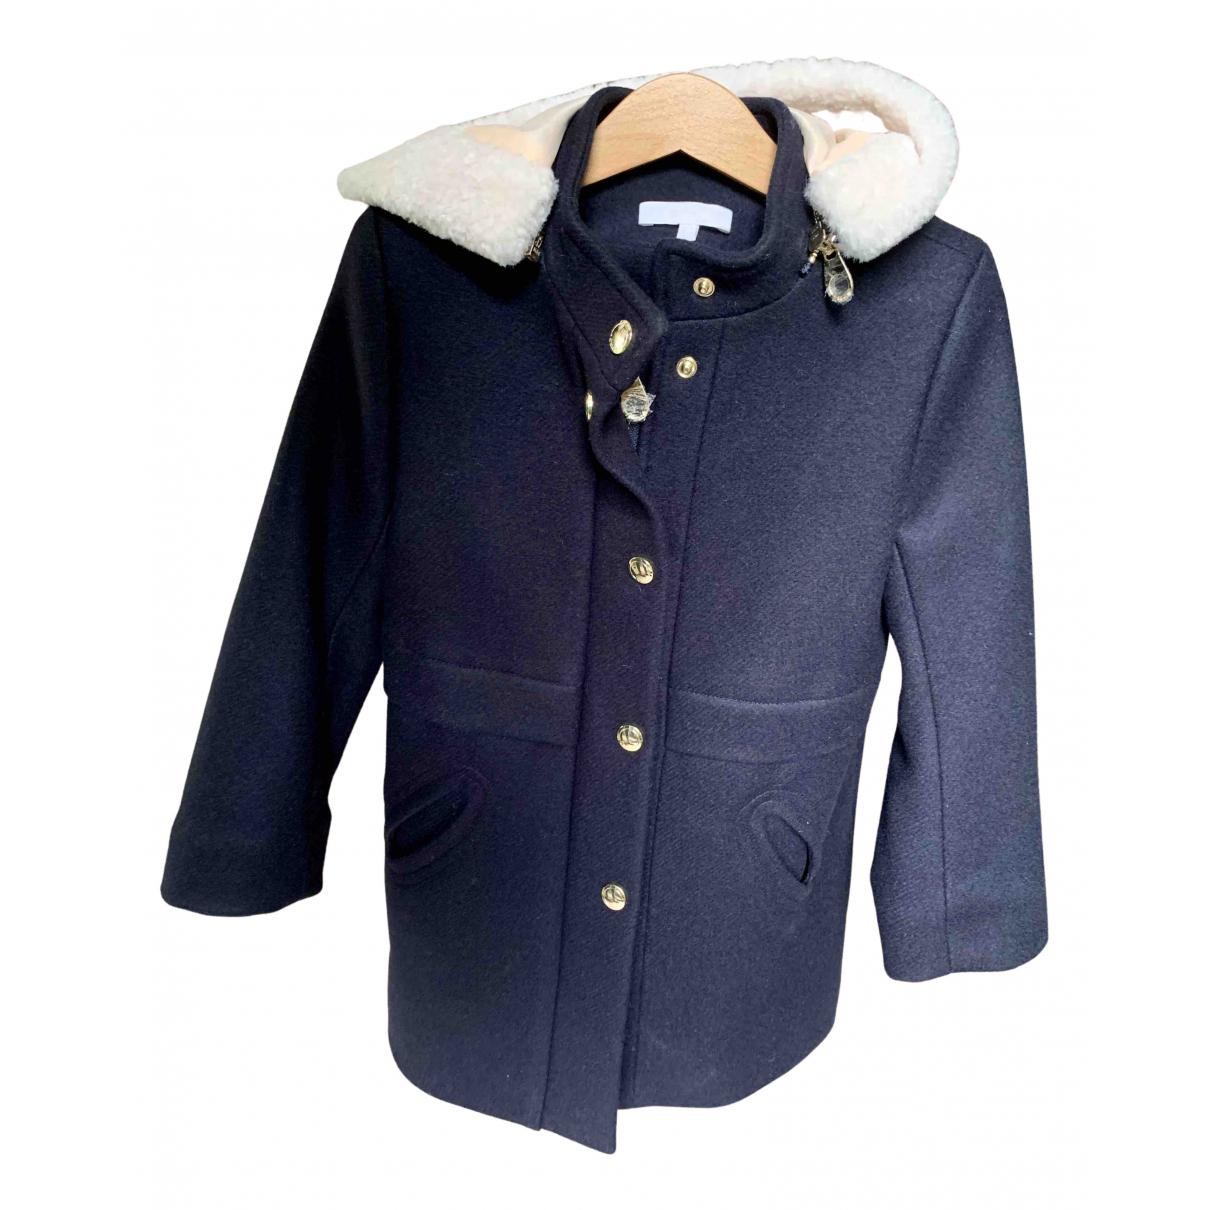 Chloe - Blousons.Manteaux   pour enfant en laine - bleu